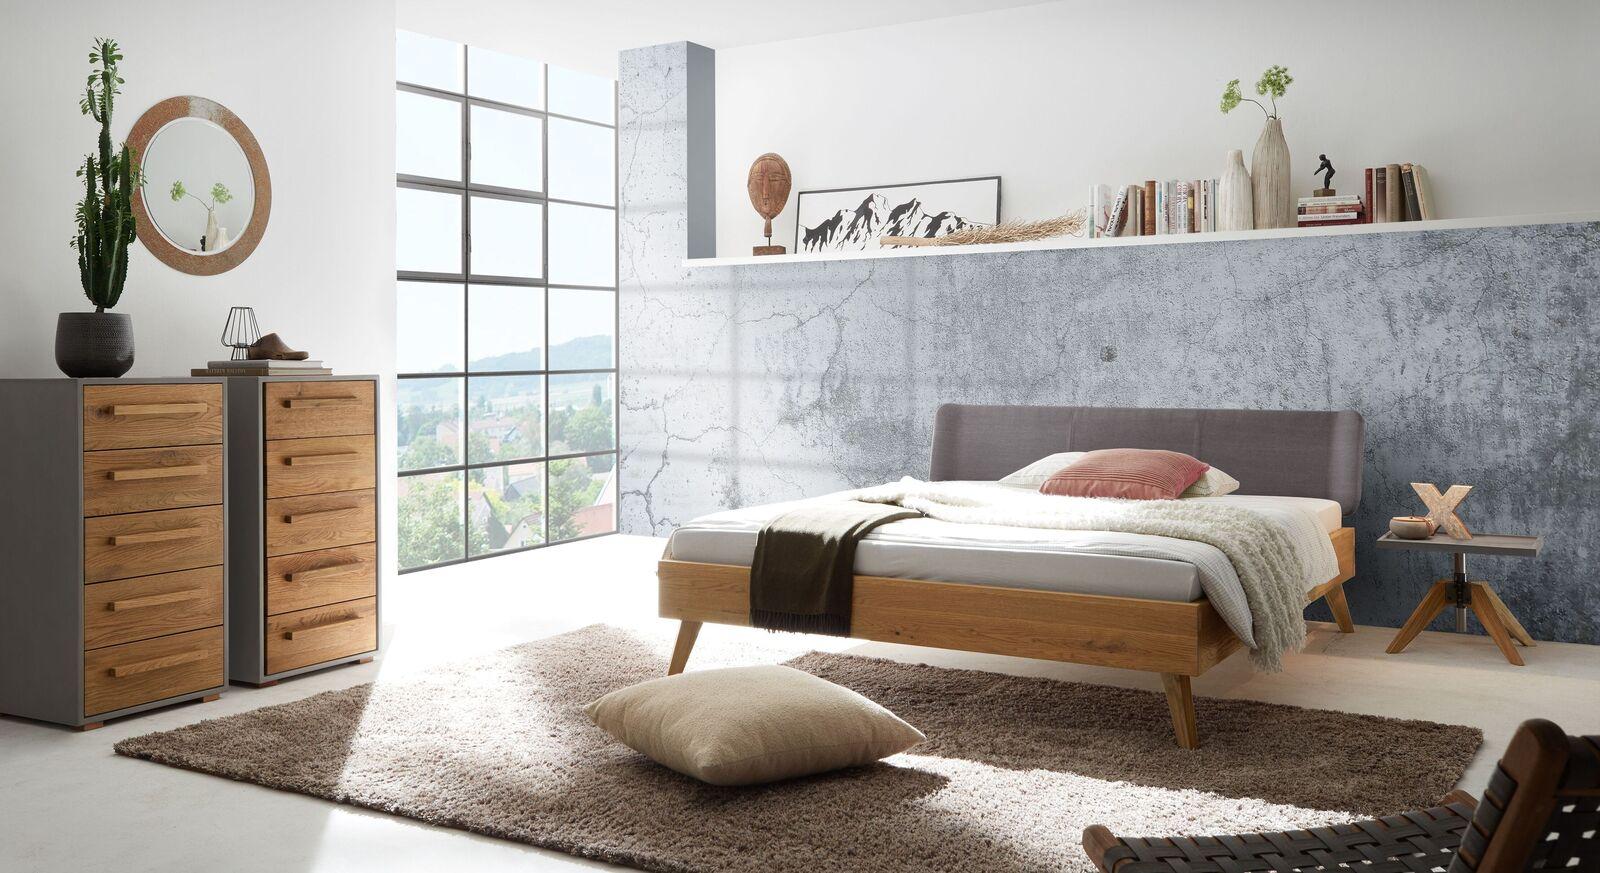 Passende Beimöbel zum Bett Sandel